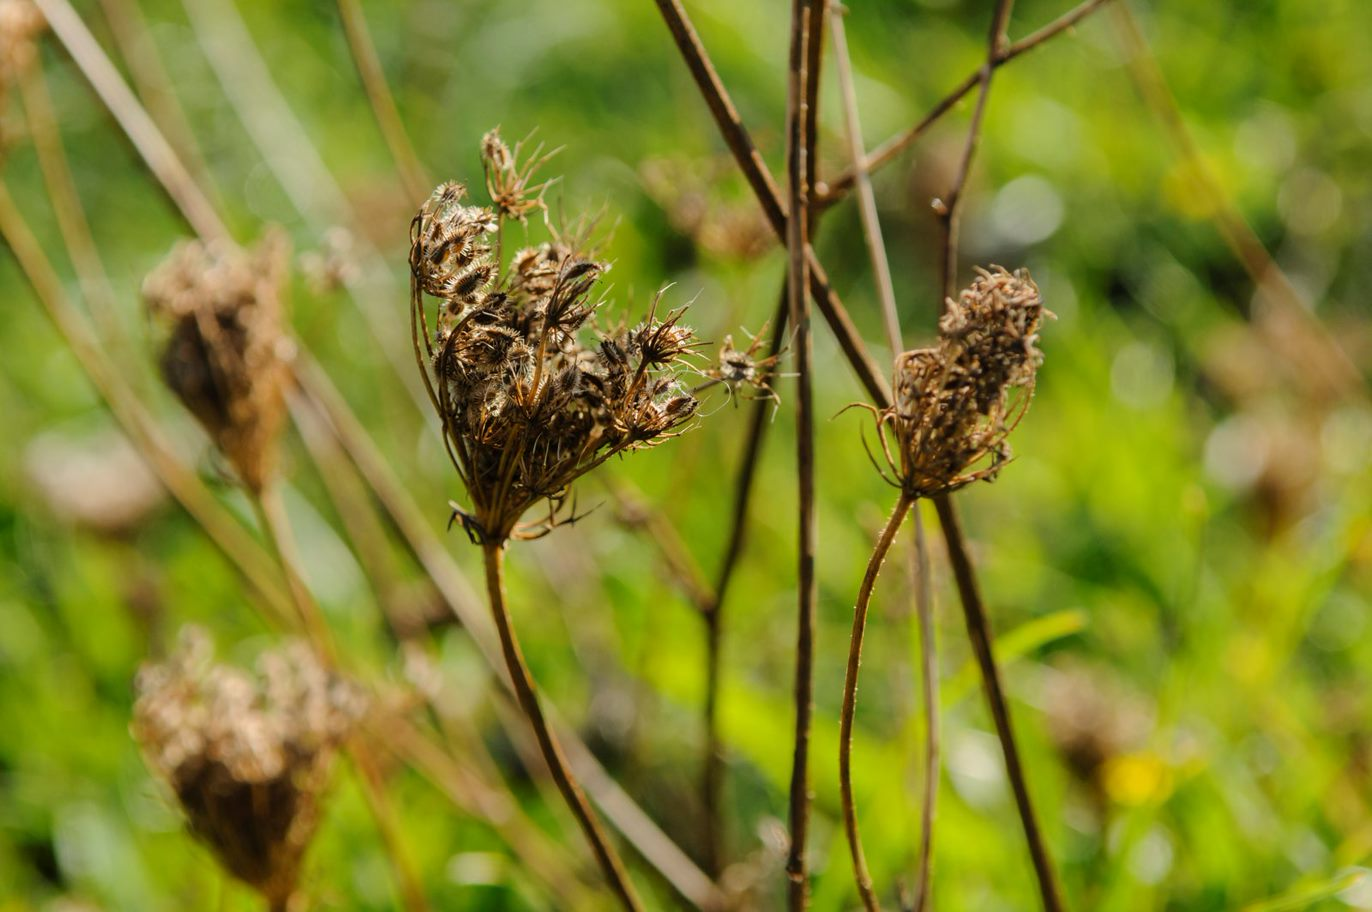 Afbeelding met plant  Automatisch gegenereerde beschrijving